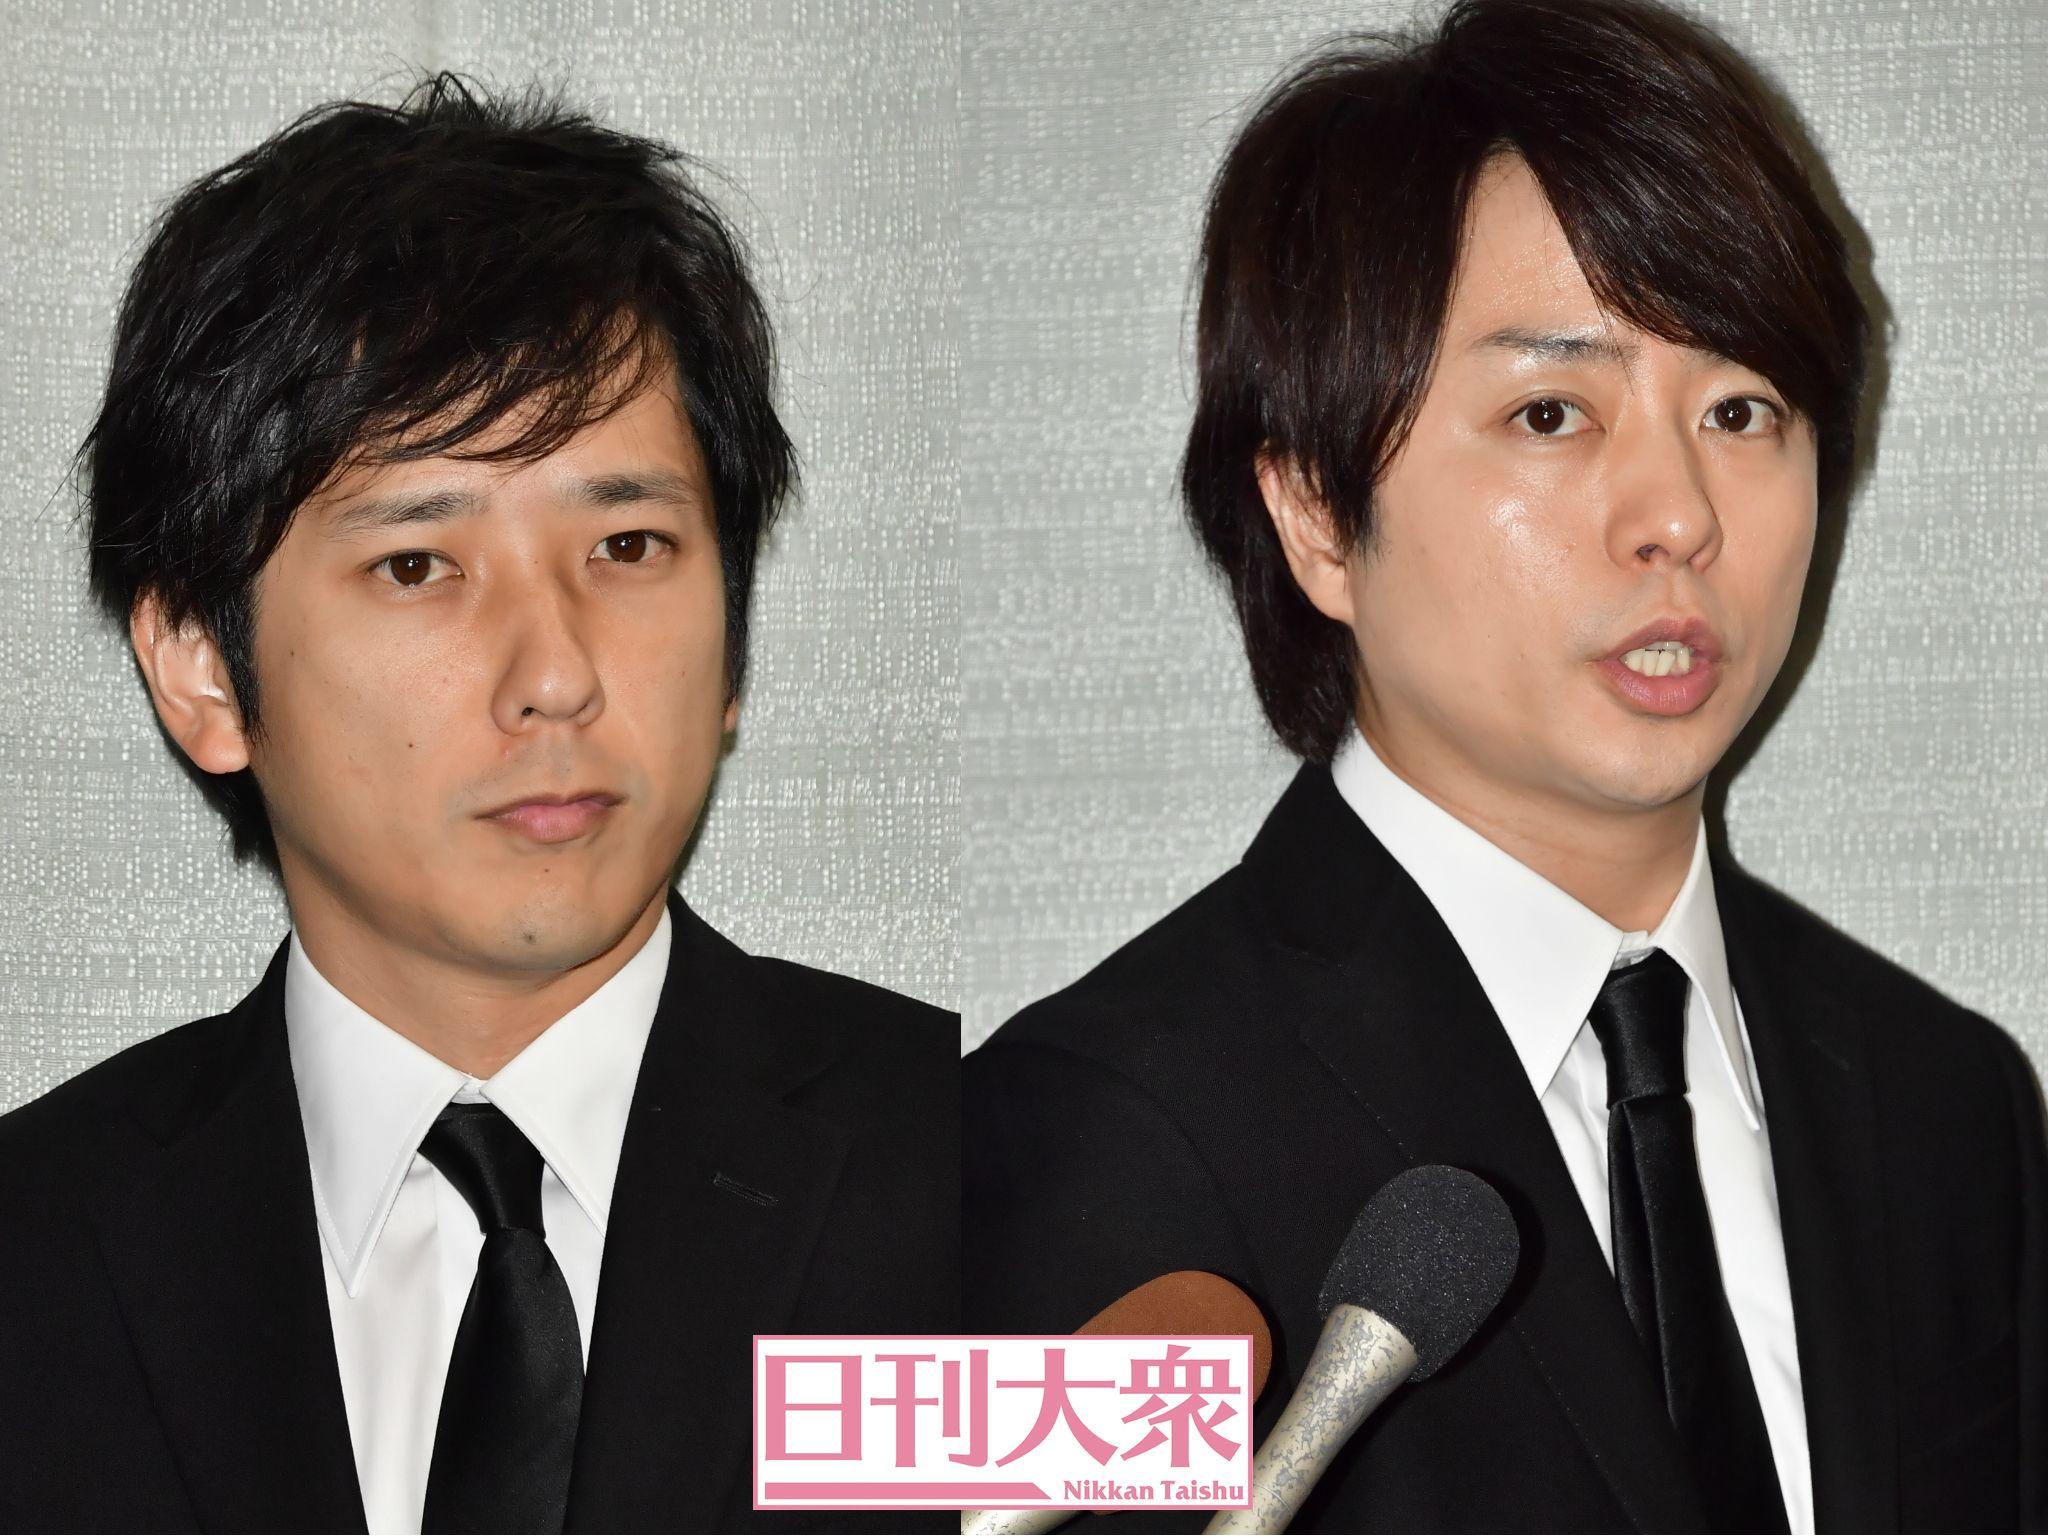 二宮和也結婚で 白紙 の櫻井翔 和洋両方で が理想 嵐の 結婚